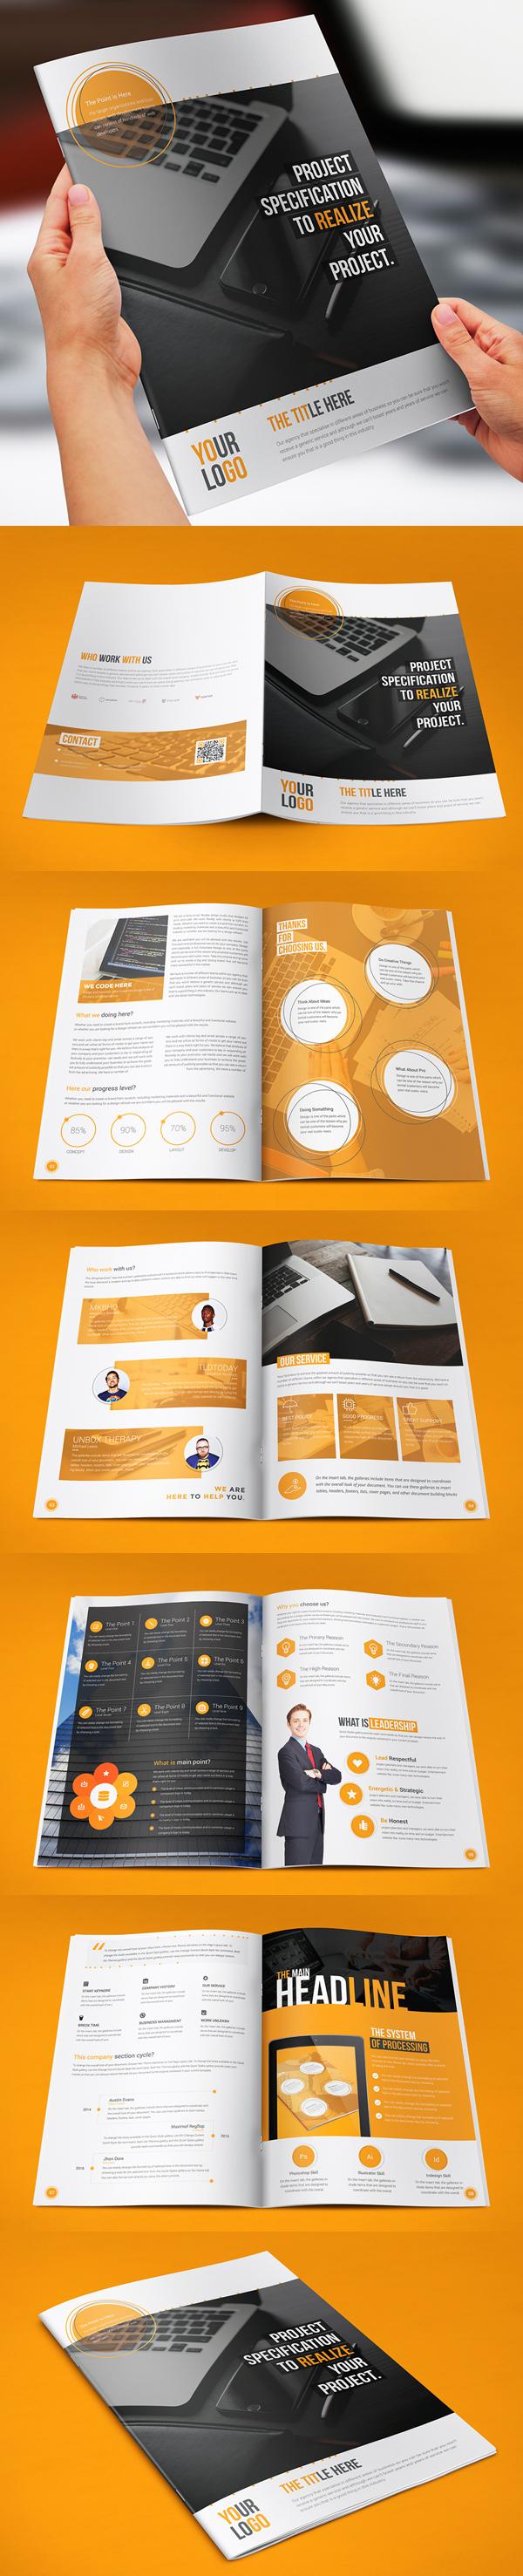 上海画册设计公司创意画册-公司色块风格骑马钉宣传册设计模版